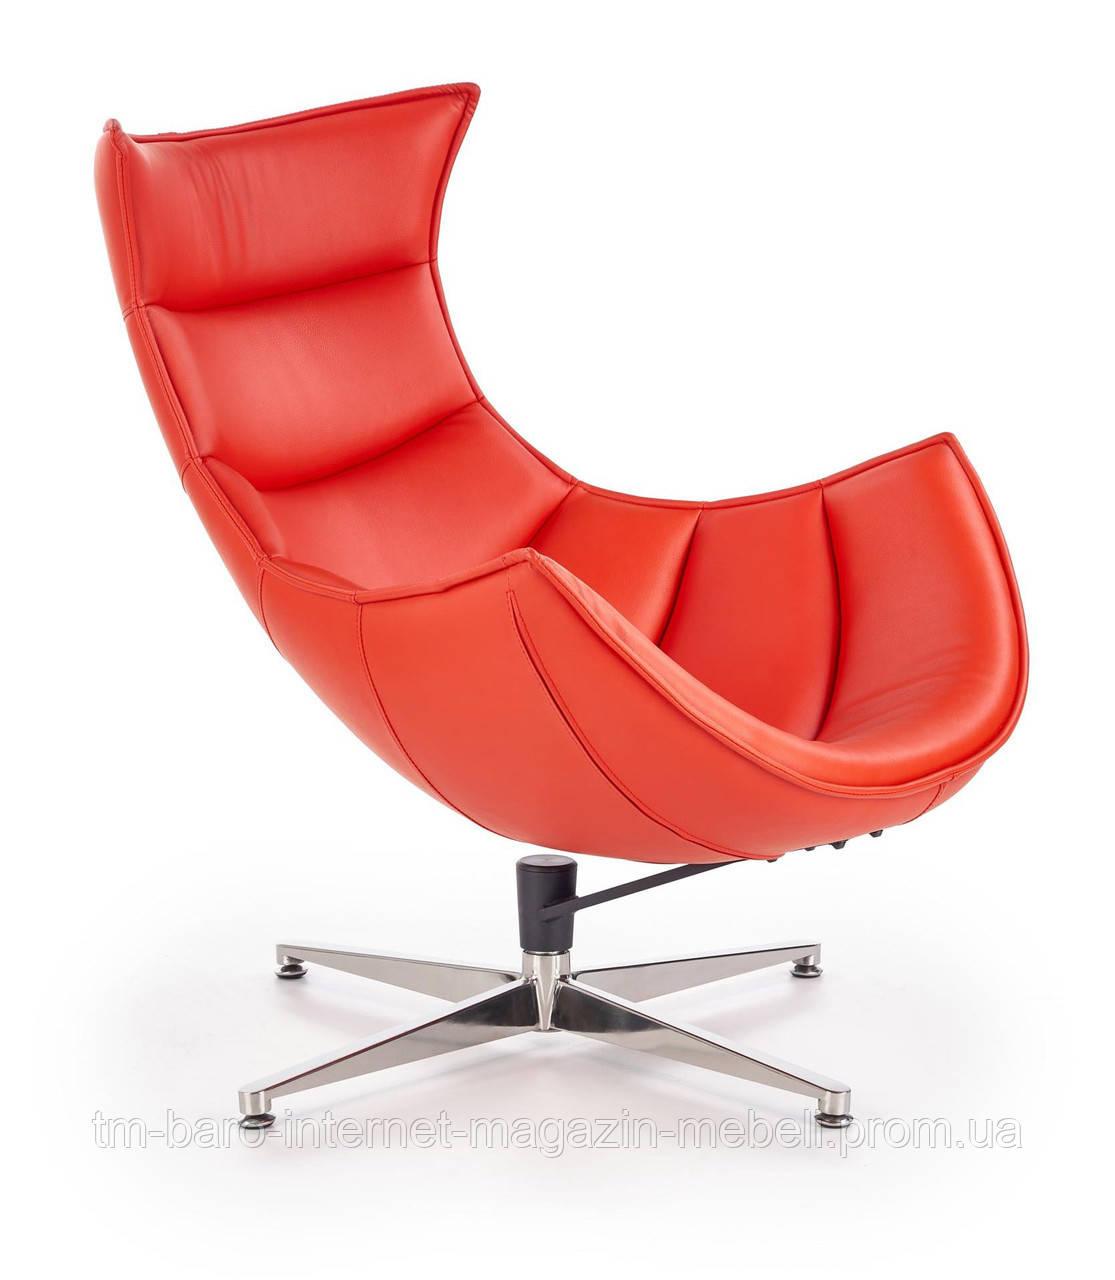 Кресло Luxor (Люксор) красный, Halmar